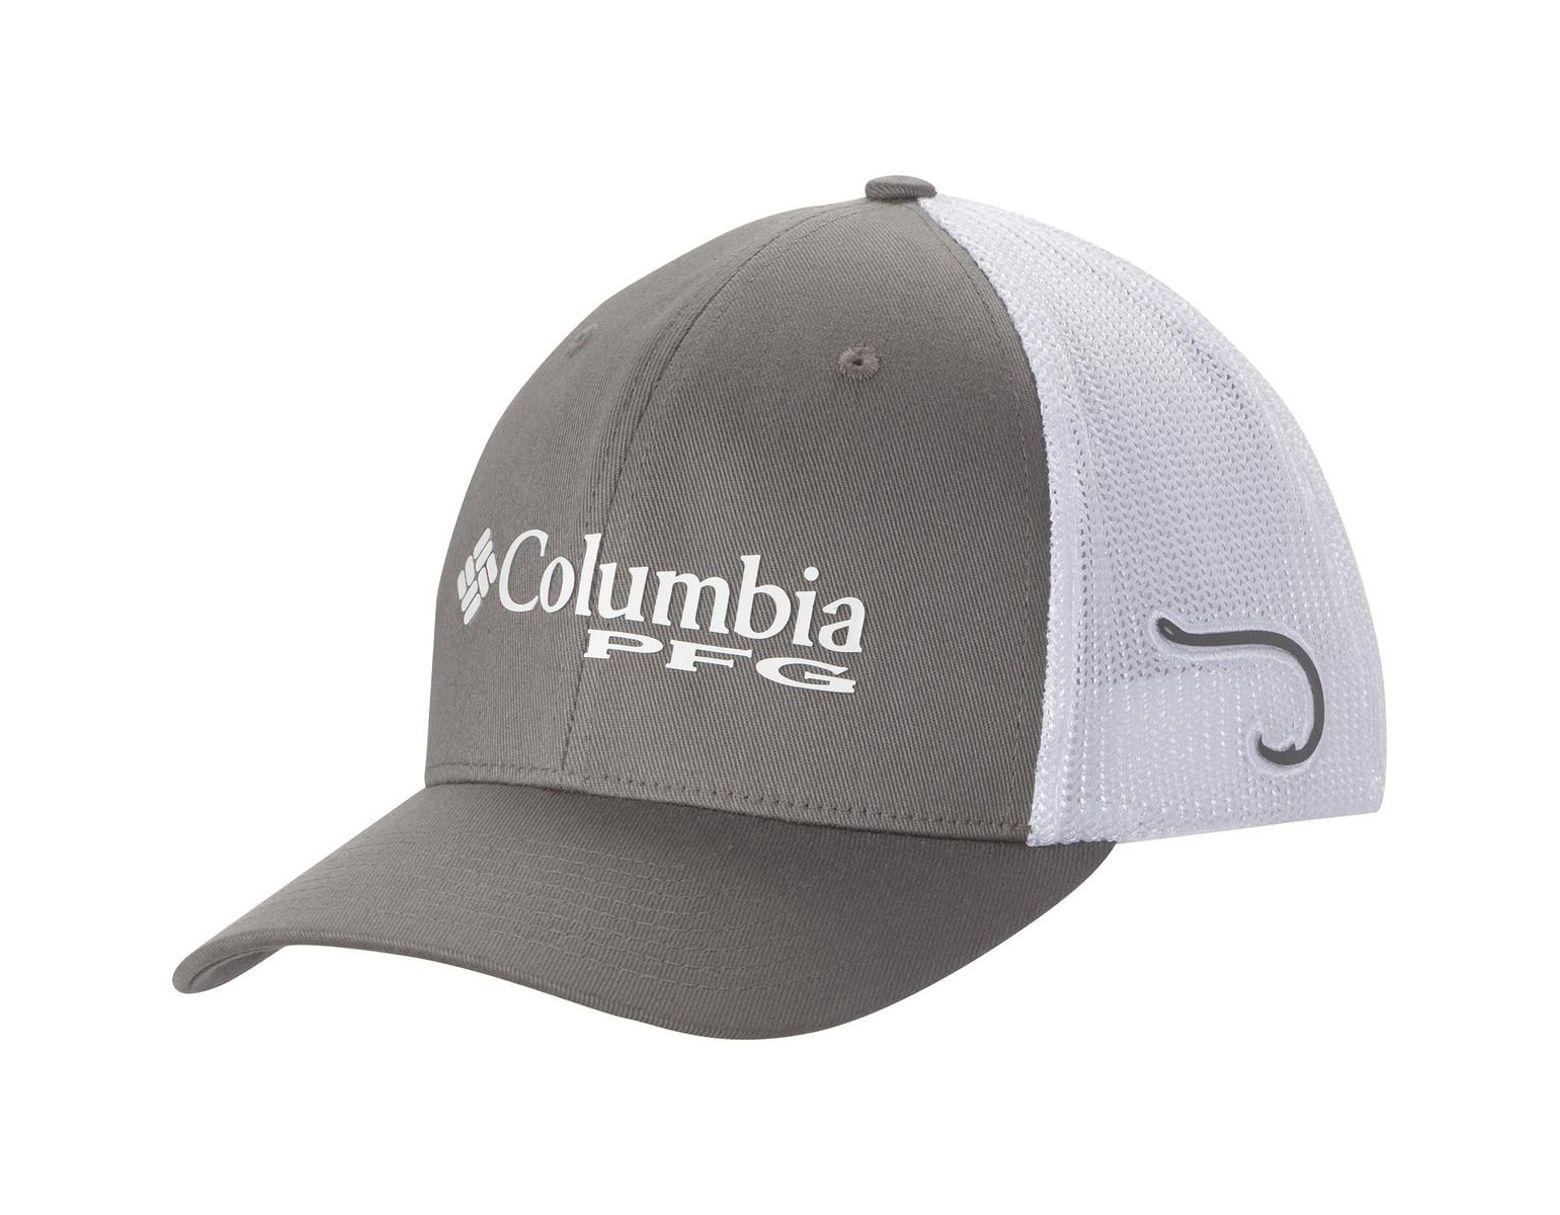 3780980c8e5 Columbia Pfg Mesh Trucker Hat in Gray for Men - Lyst